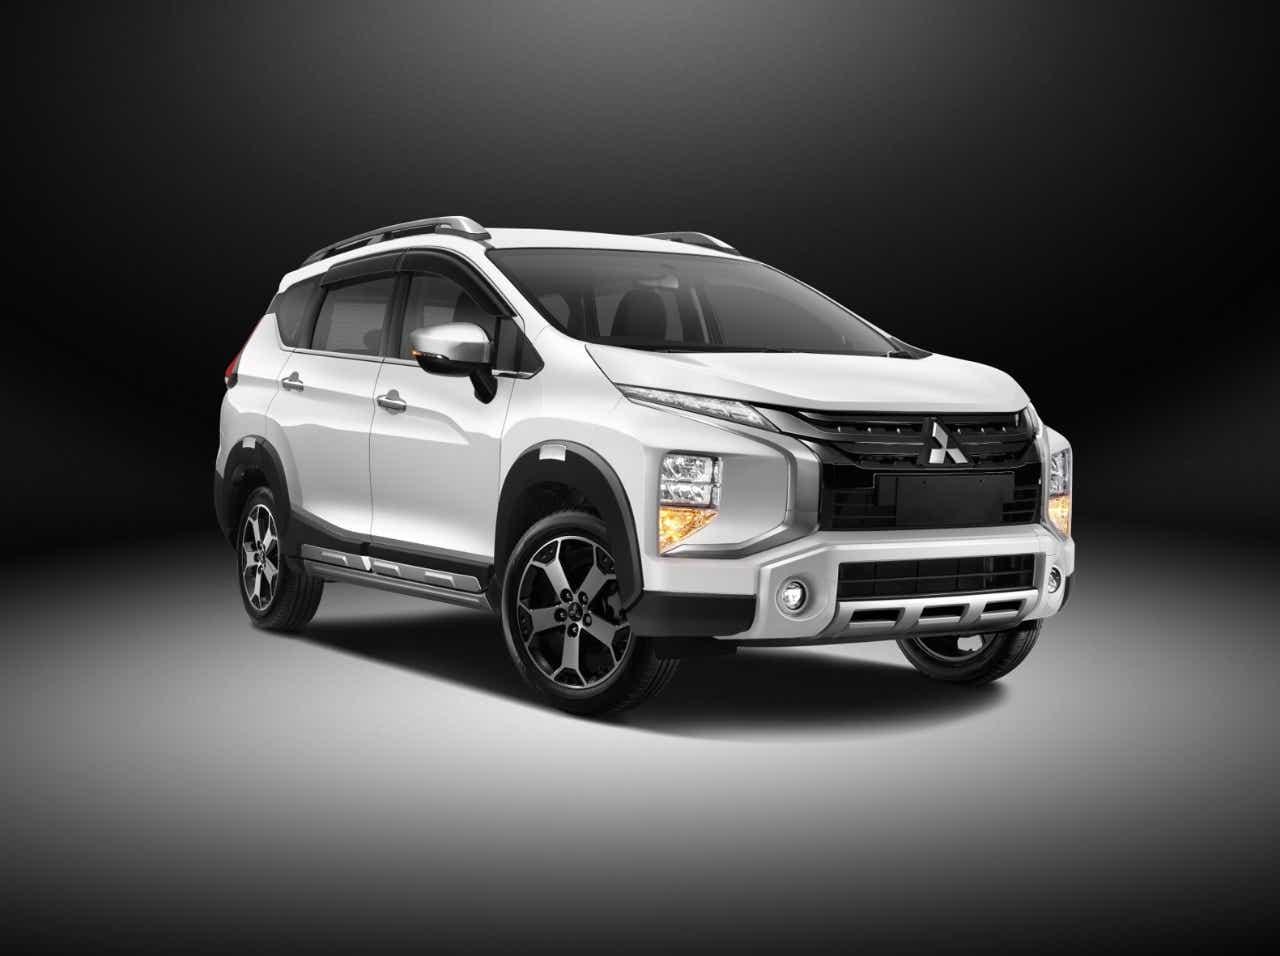 Mitsubishi Motors presenta en México Xpander y Xpander Cross, diseñadas para brindar estilo, comodidad y versatilidad.